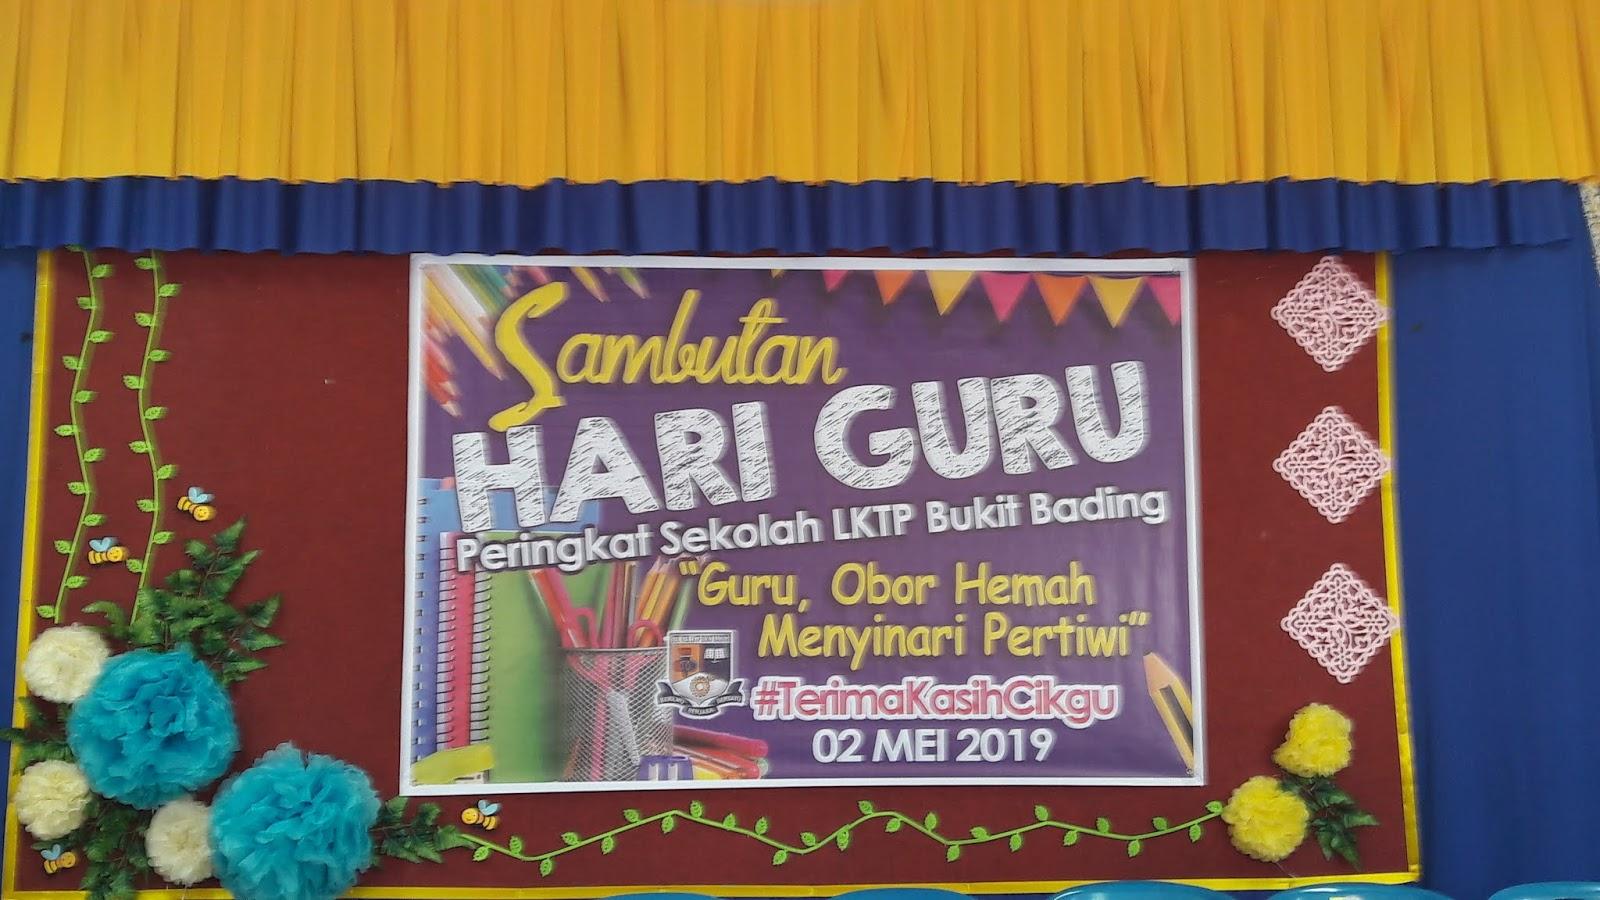 Sk Lktp Bukit Bading Sambutan Hari Guru 2019